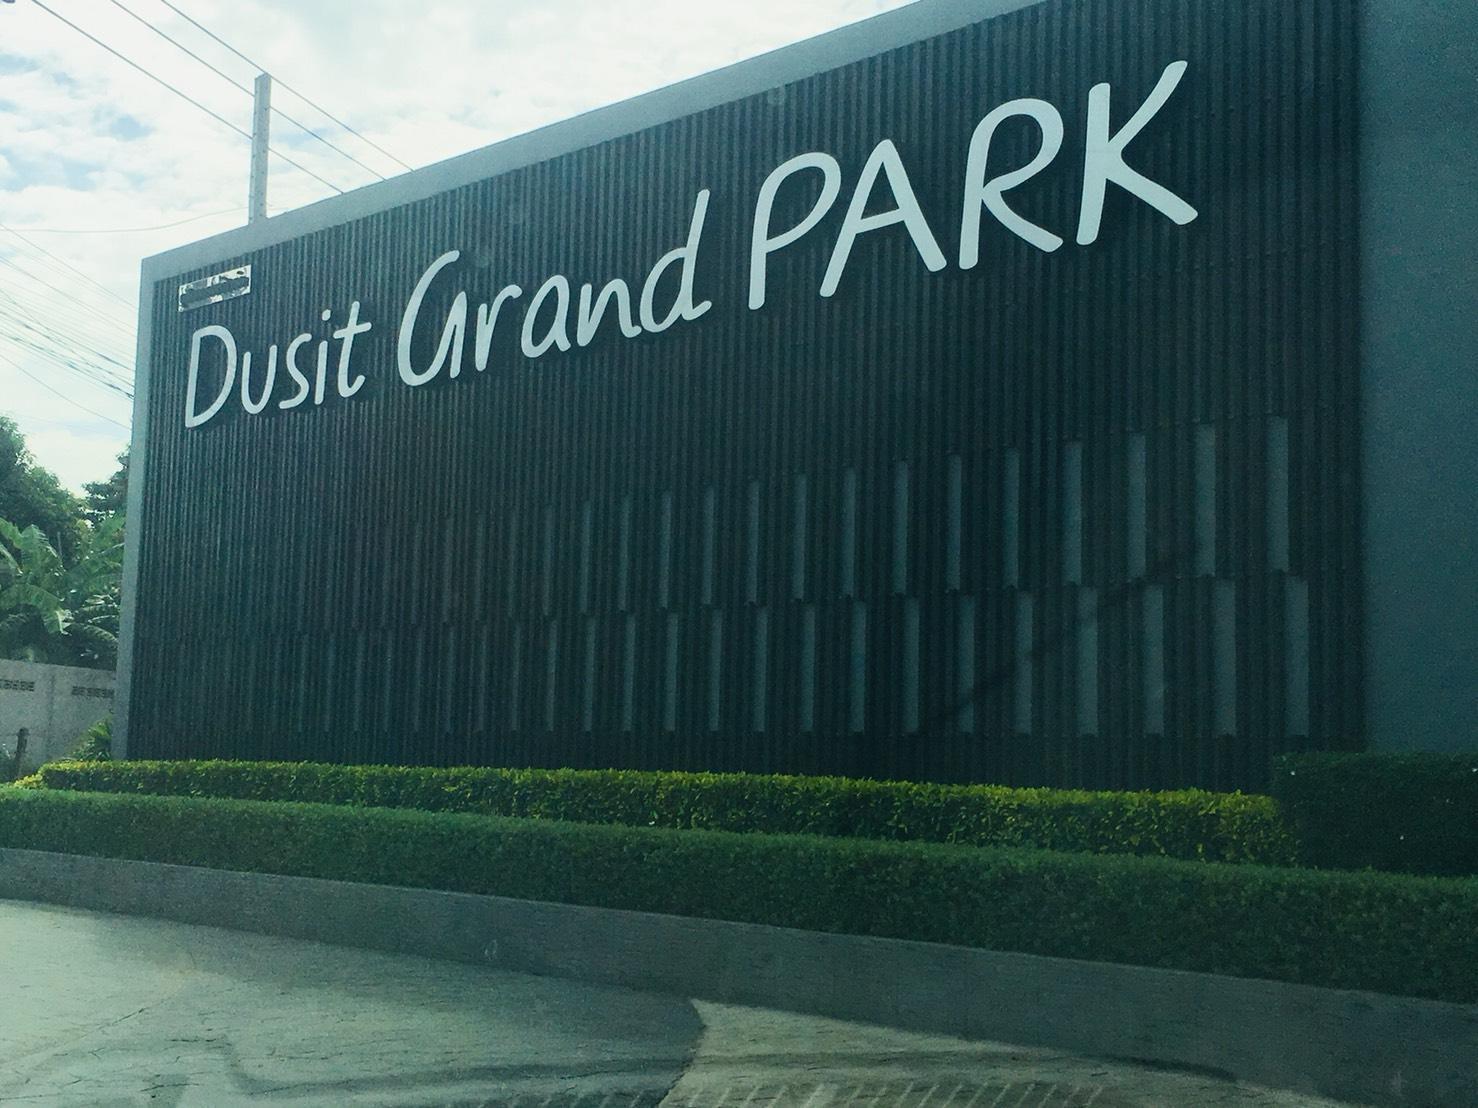 Dusit Grand Park Condominium  : Pool Access อพาร์ตเมนต์ 1 ห้องนอน 1 ห้องน้ำส่วนตัว ขนาด 35 ตร.ม. – หาดจอมเทียน